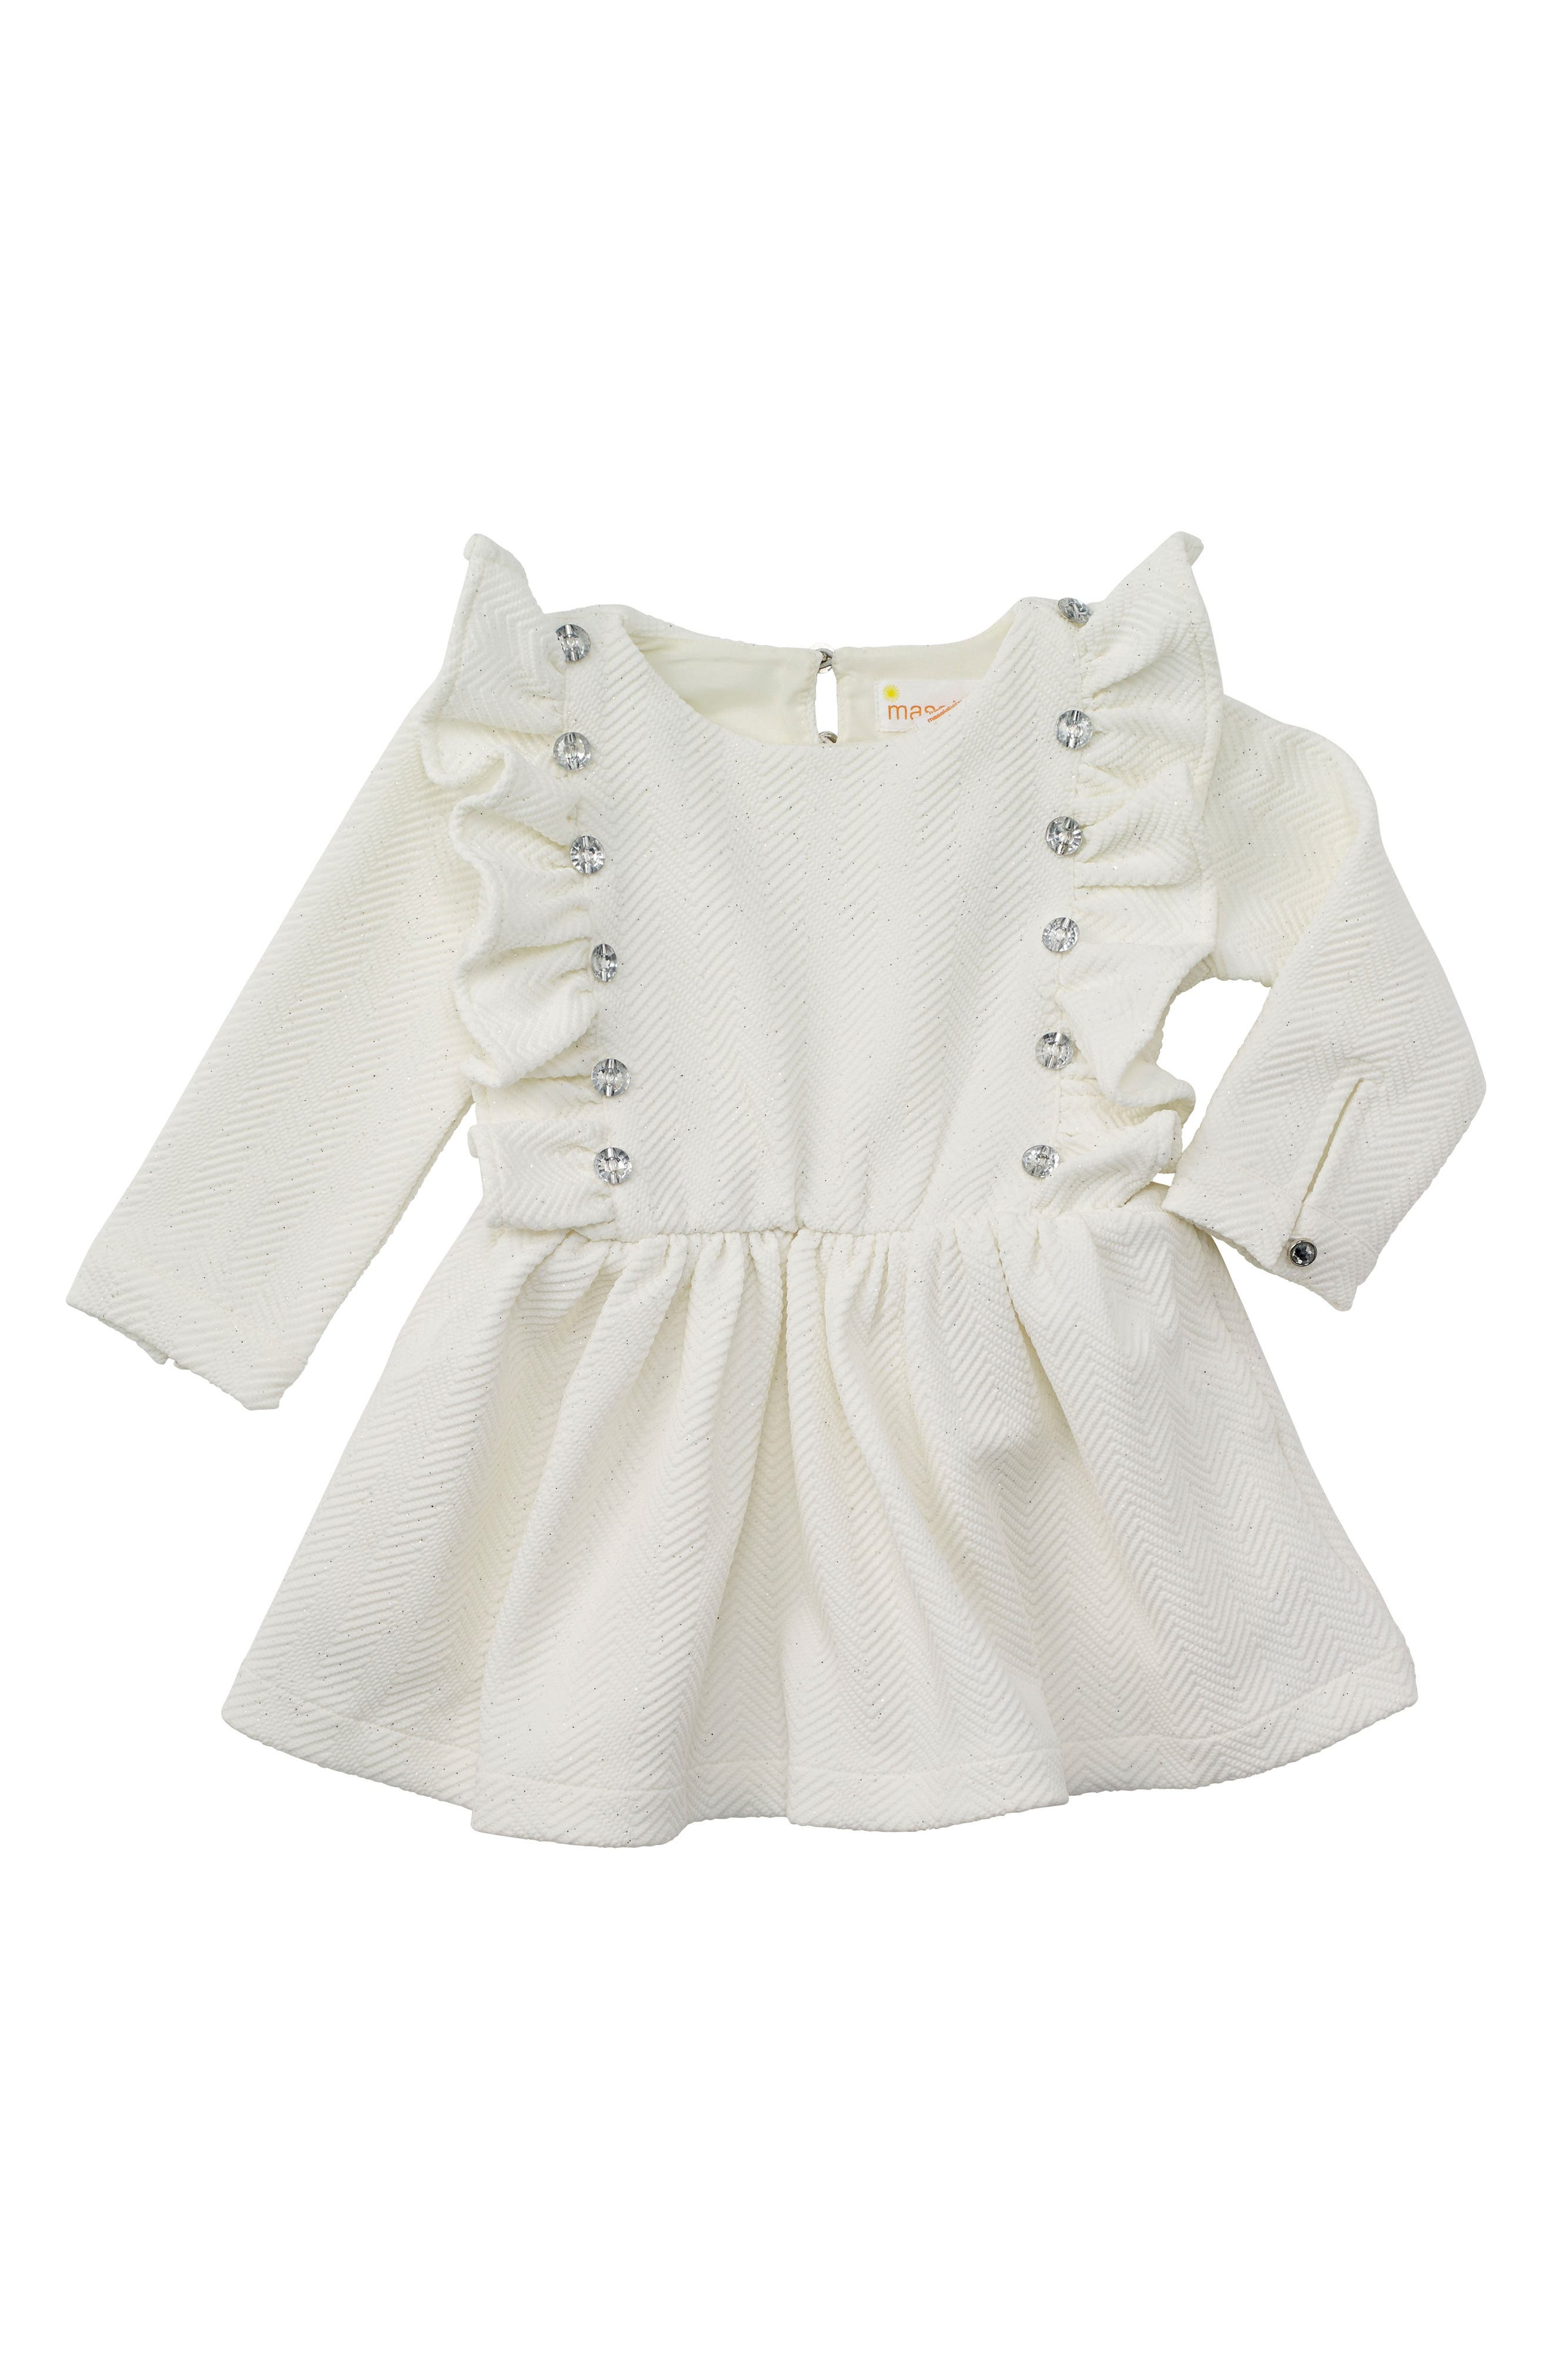 Main Image - Masalababy Fantasia Dress (Toddler Girls, Little Girls & Big Girls)